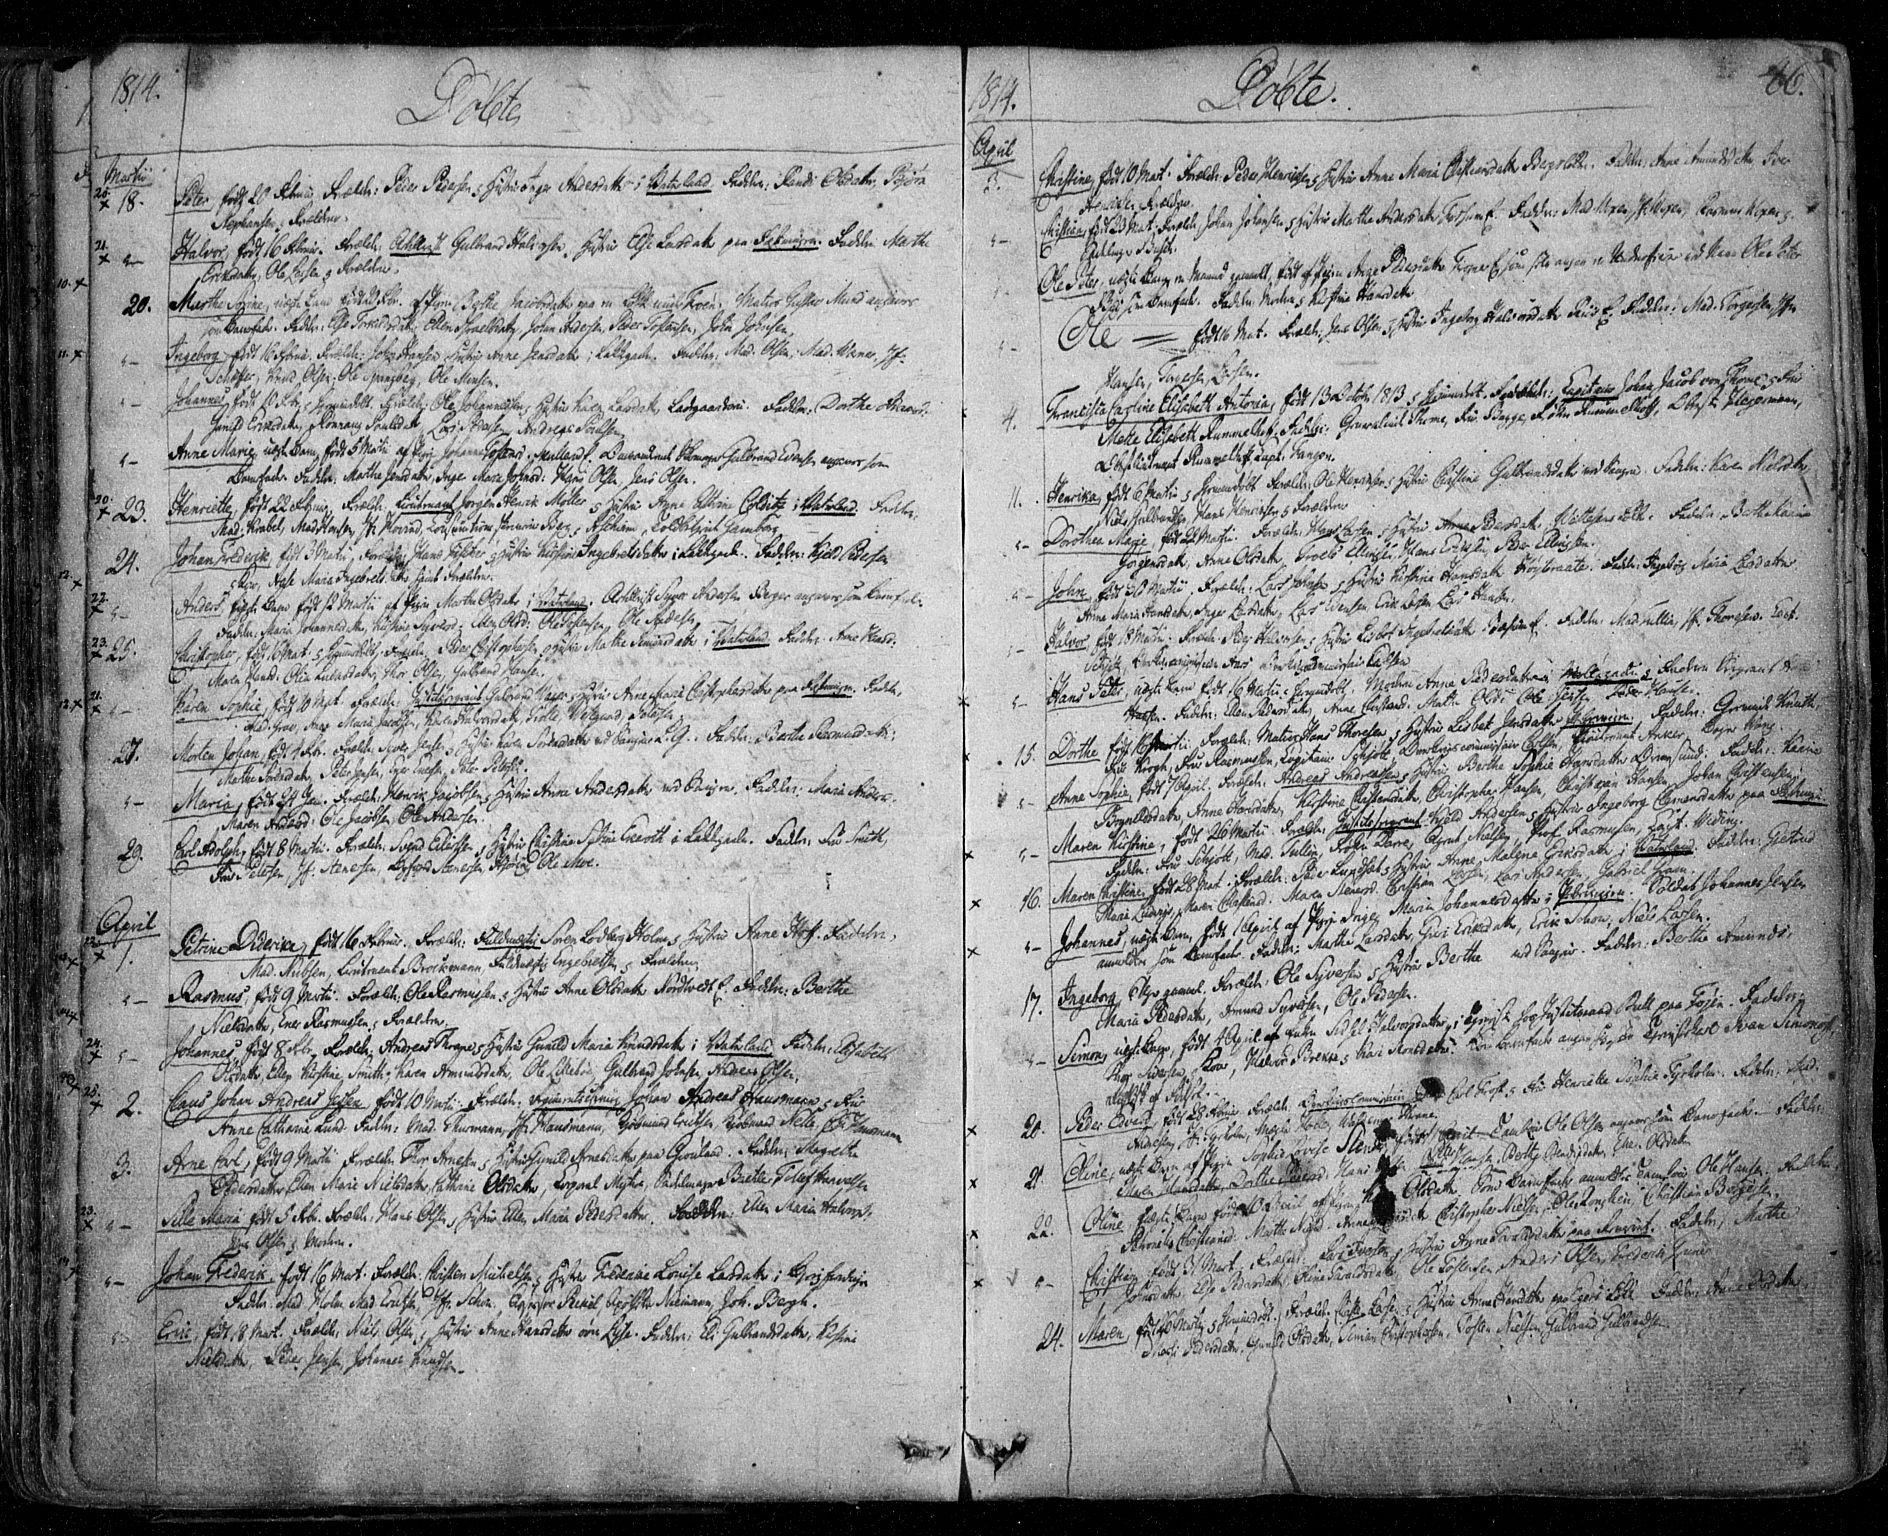 SAO, Aker prestekontor kirkebøker, F/L0011: Ministerialbok nr. 11, 1810-1819, s. 46